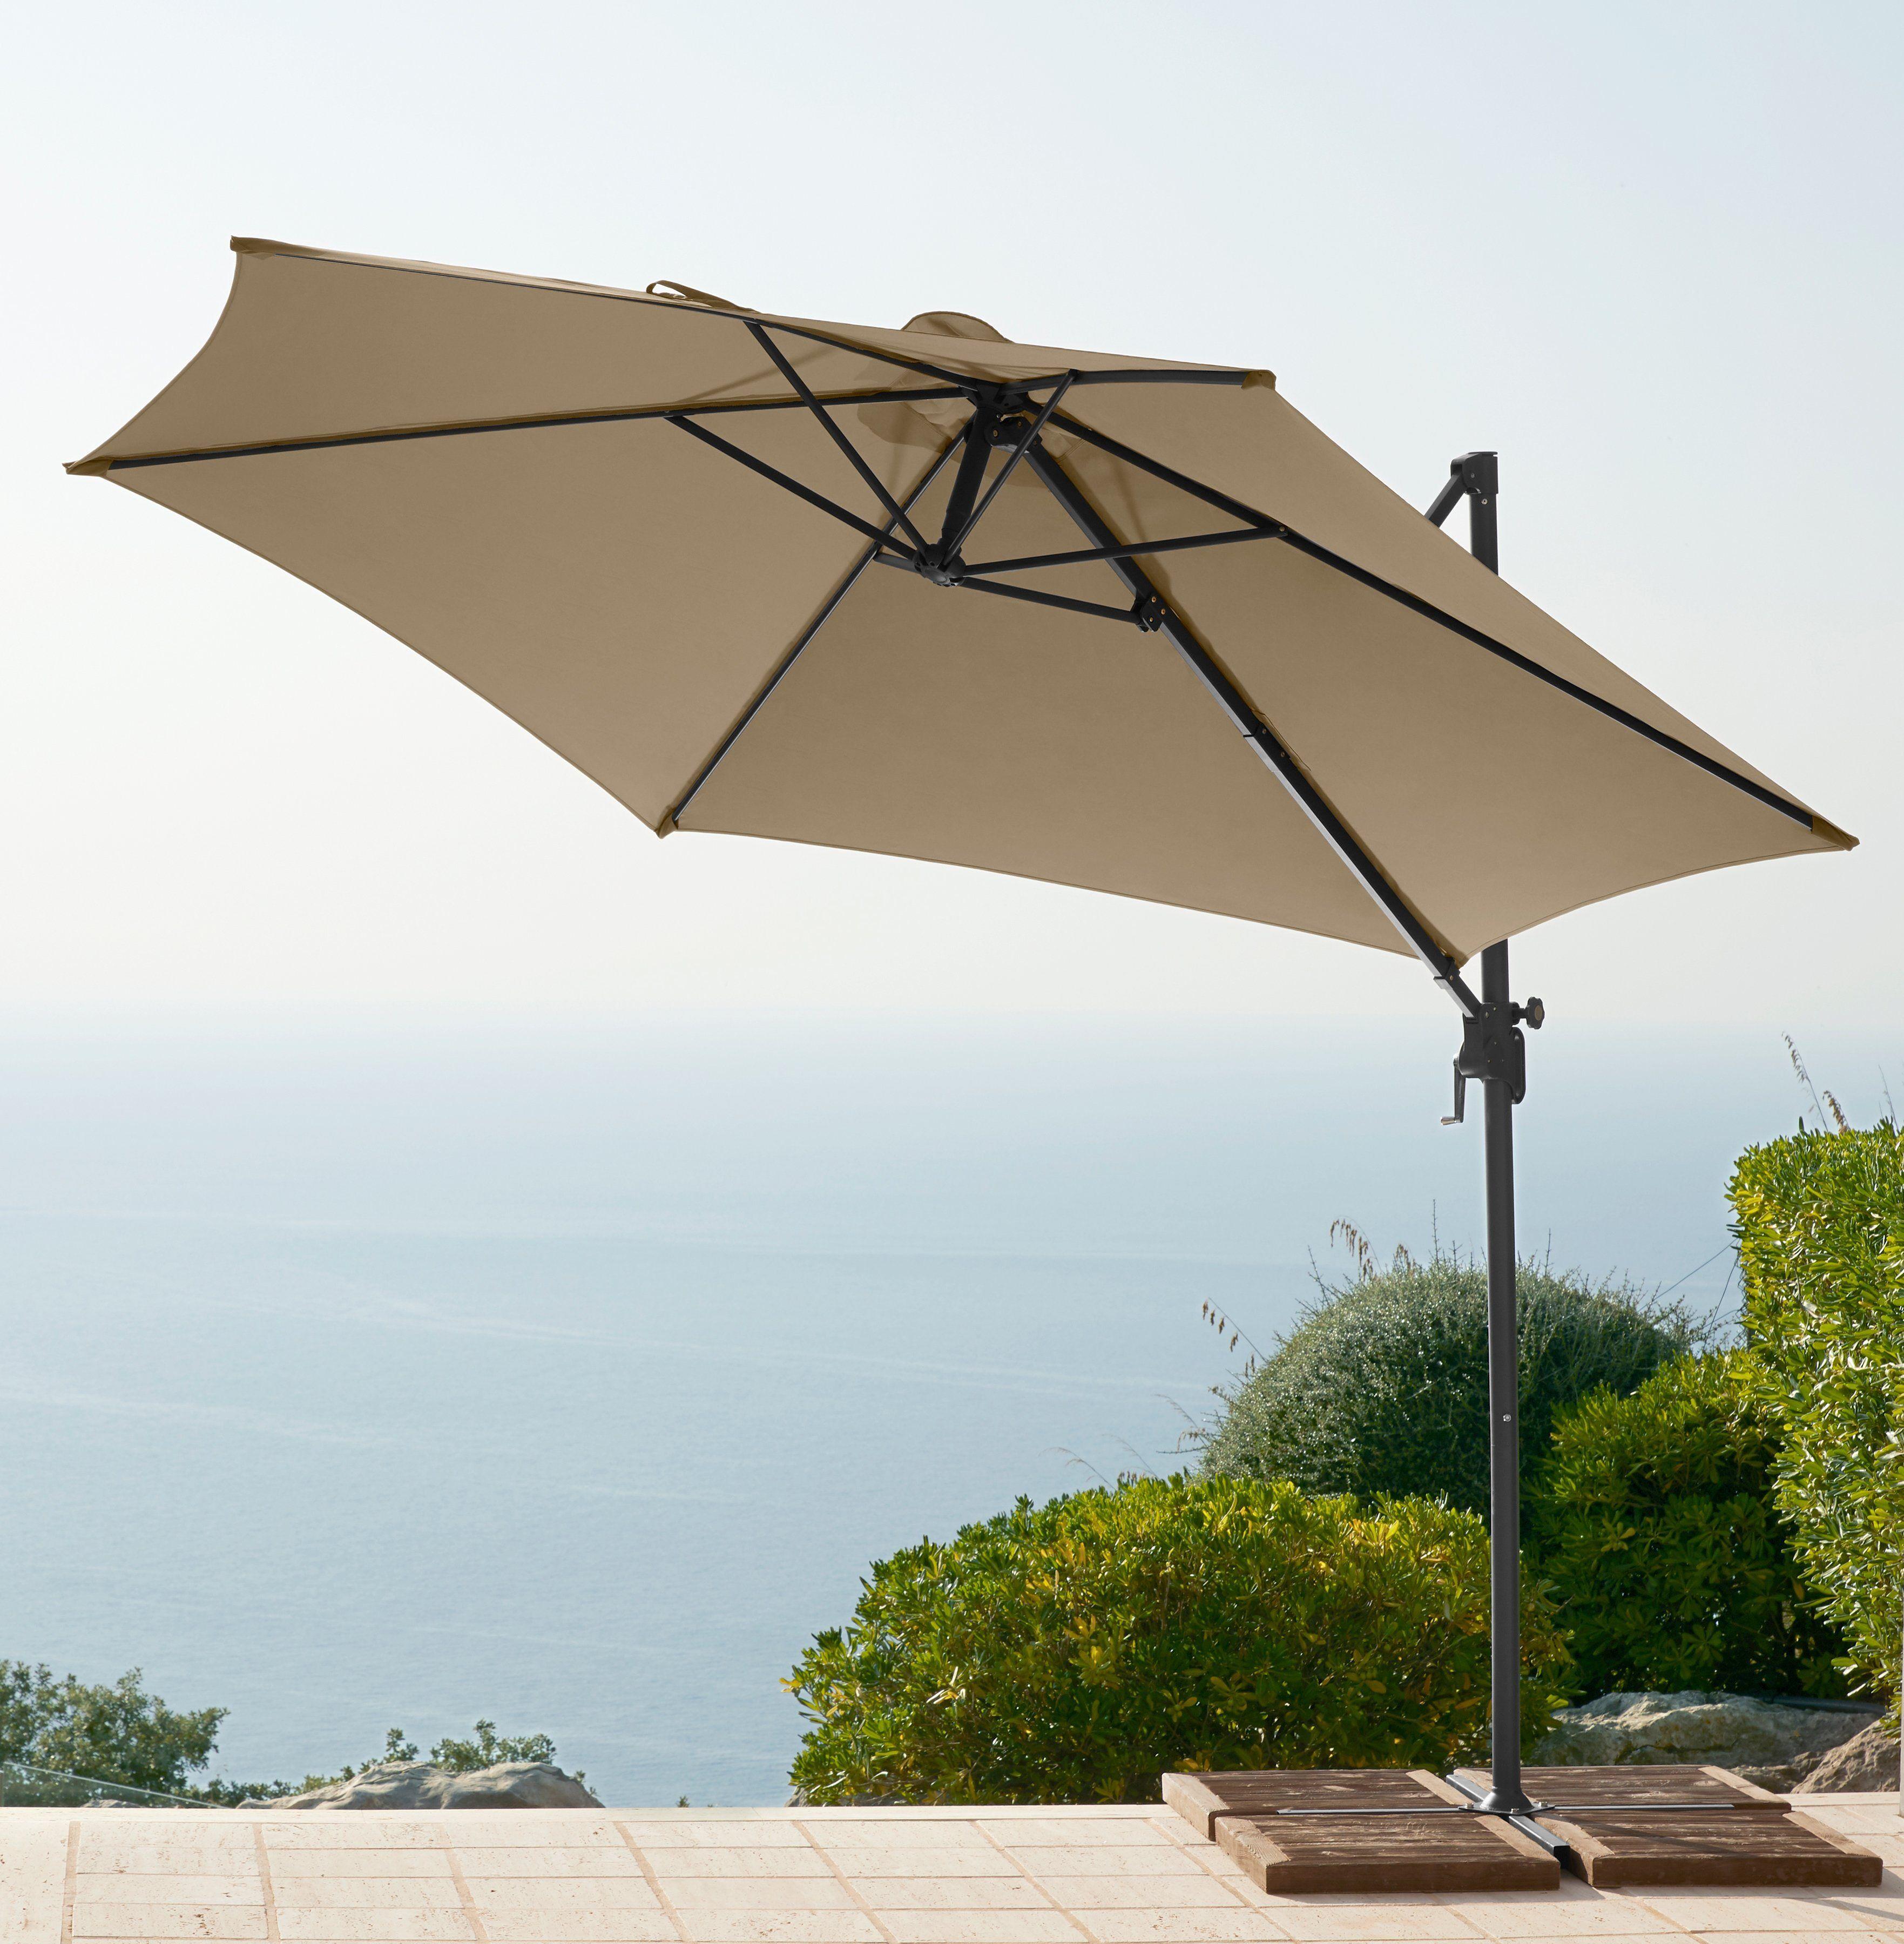 garten gut GARTENGUT Ampelschirm »Palermo«, 300x300 cm, ohne Wegeplatten, sandfarben